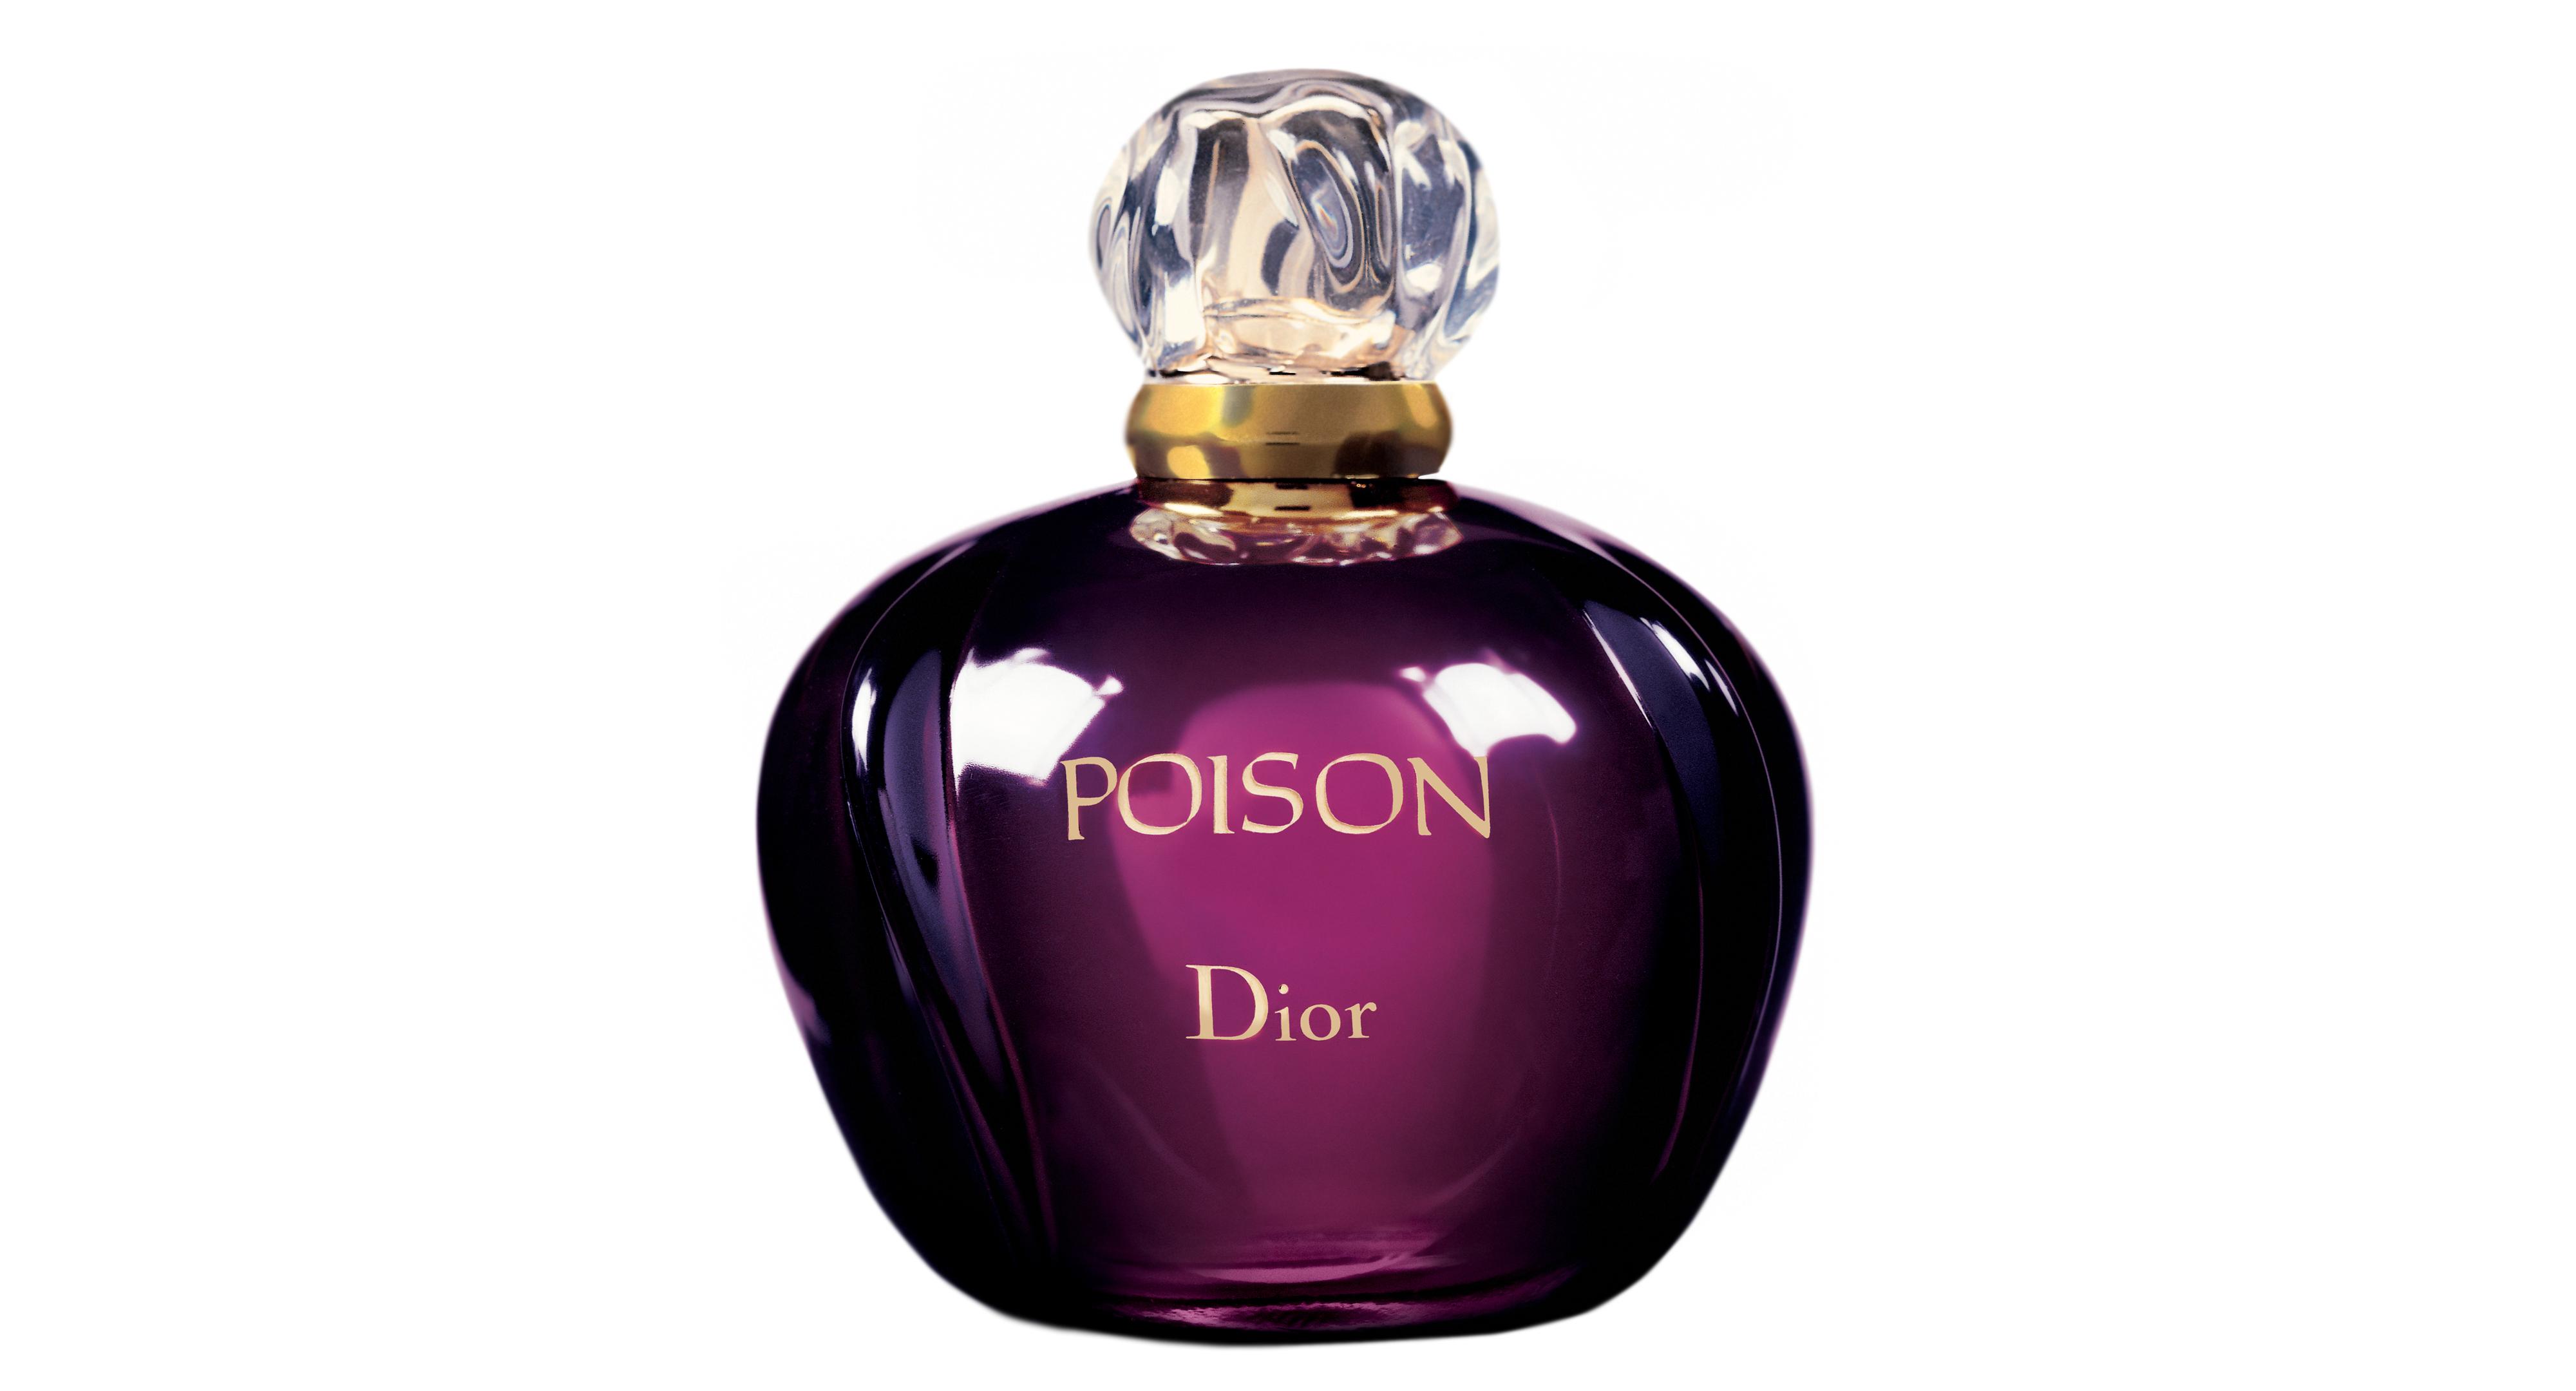 Poison Eau De Toilette 17 Oz Products Dior Poison Perfume